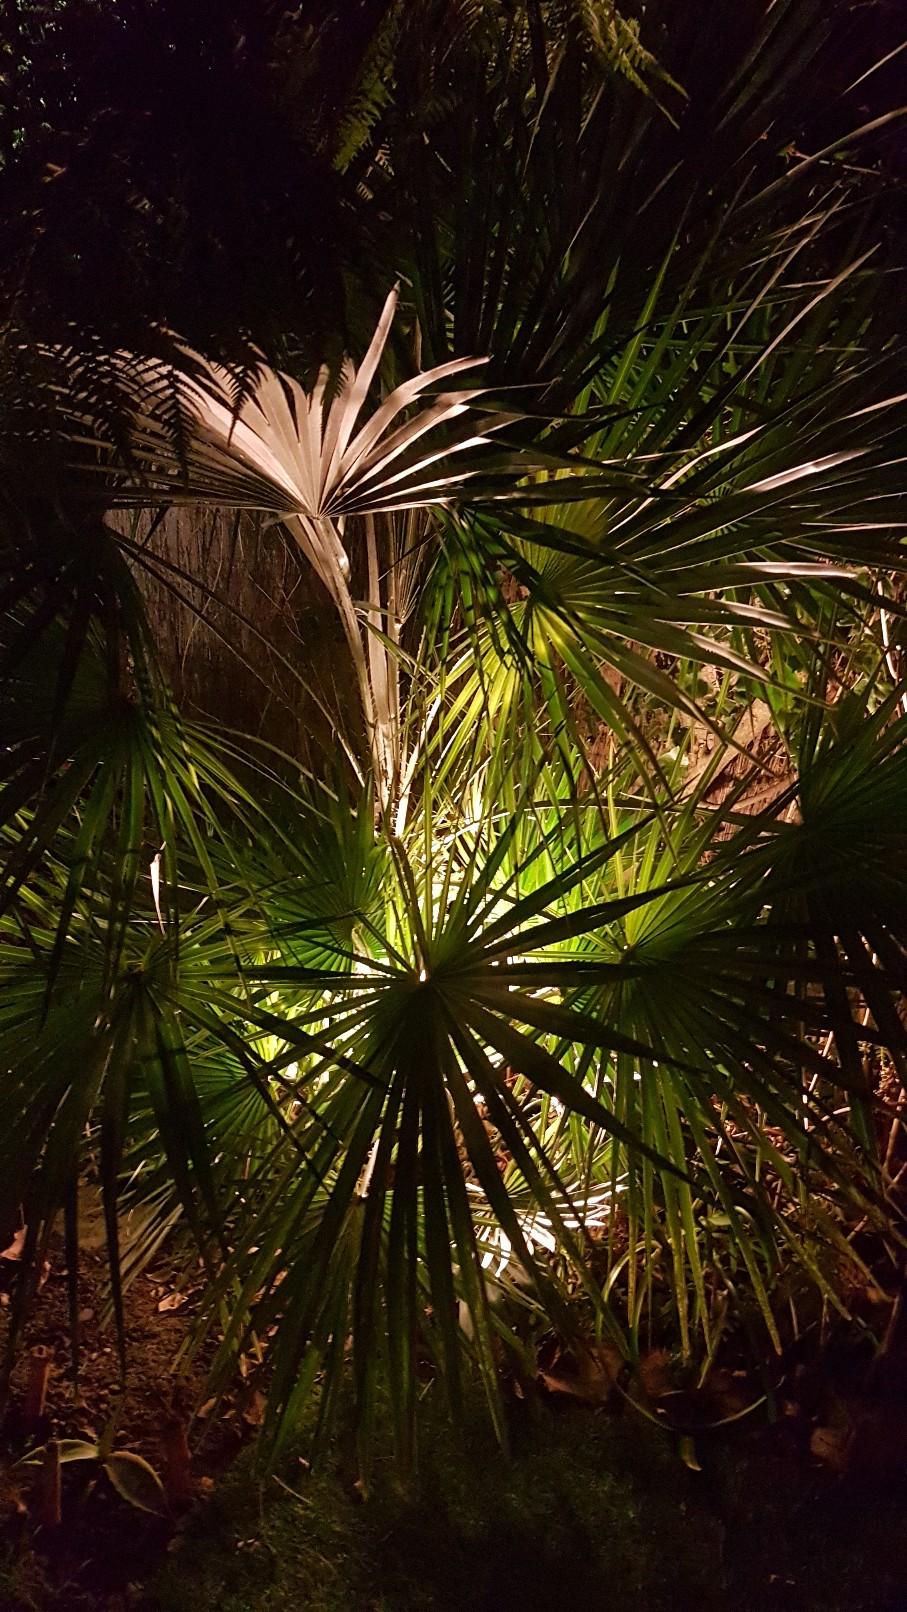 Rémi - Mon (tout) petit jardin en mode tropical - Page 10 20190169